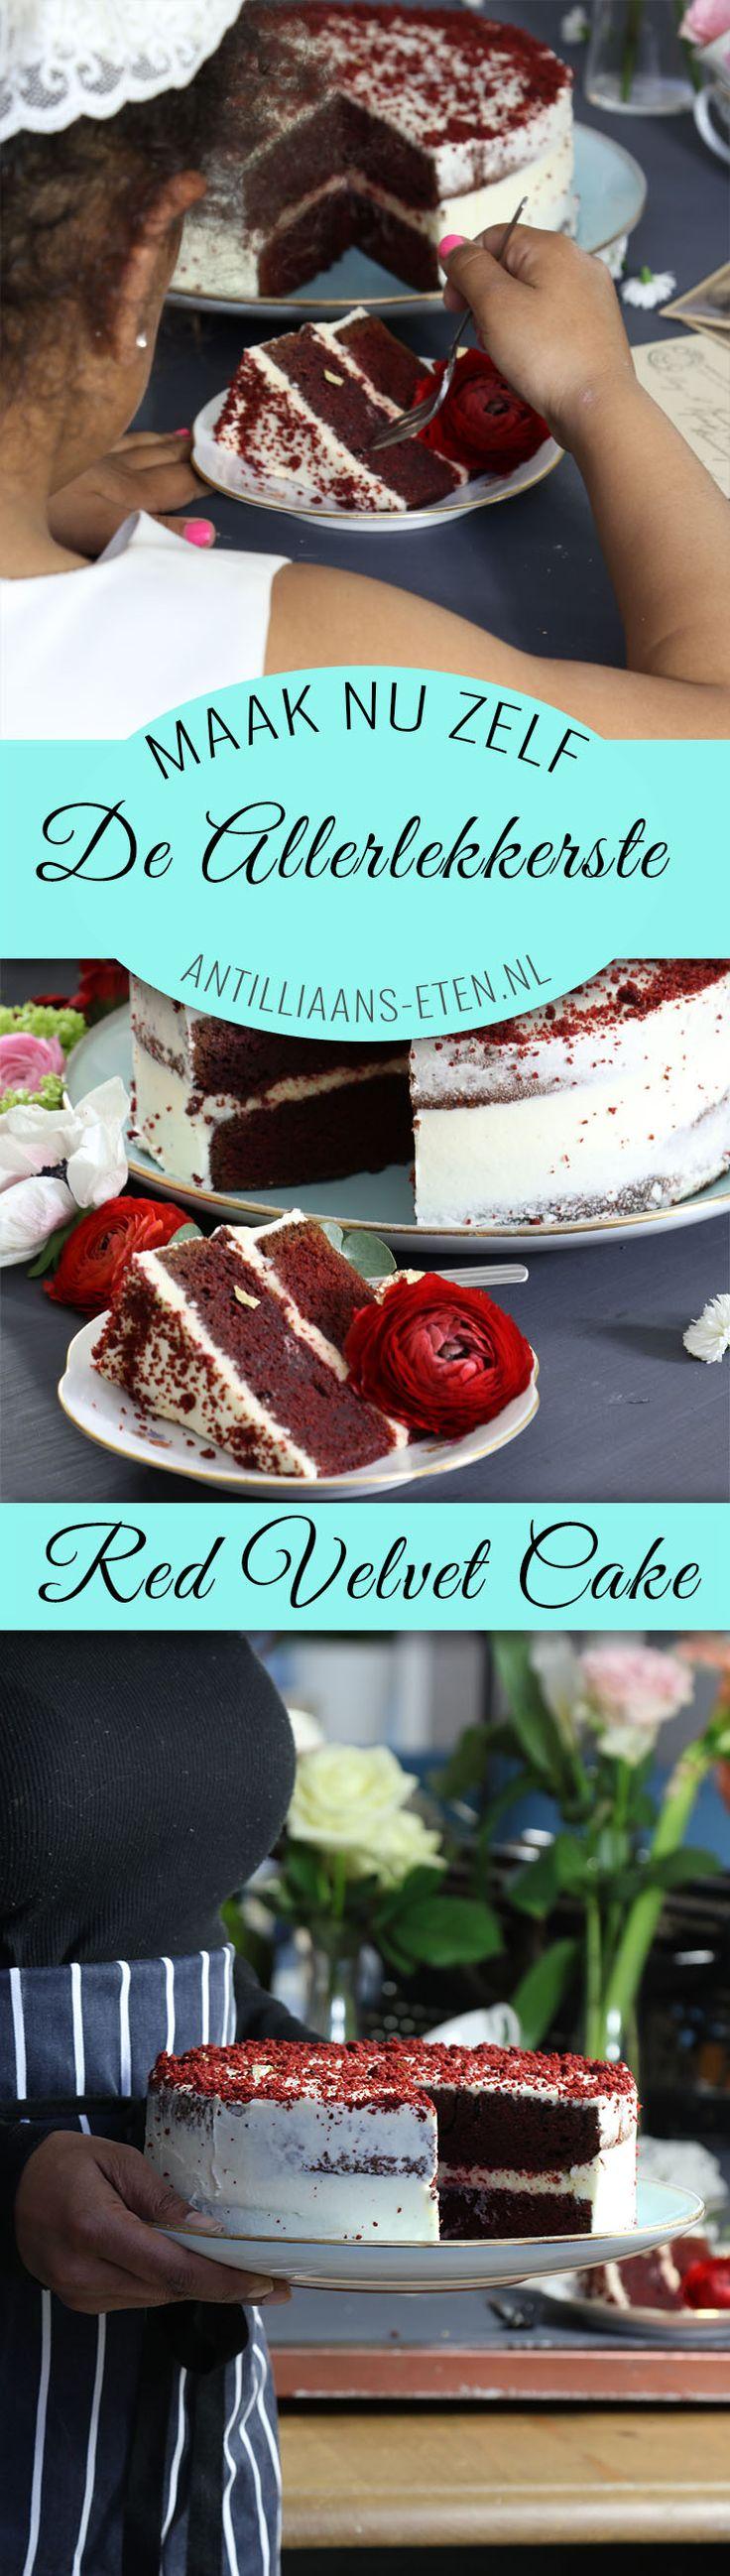 Maak zelf de allerlekkerste, traditionele RED VELVET taart (bolo di red velvet) met ons recept!